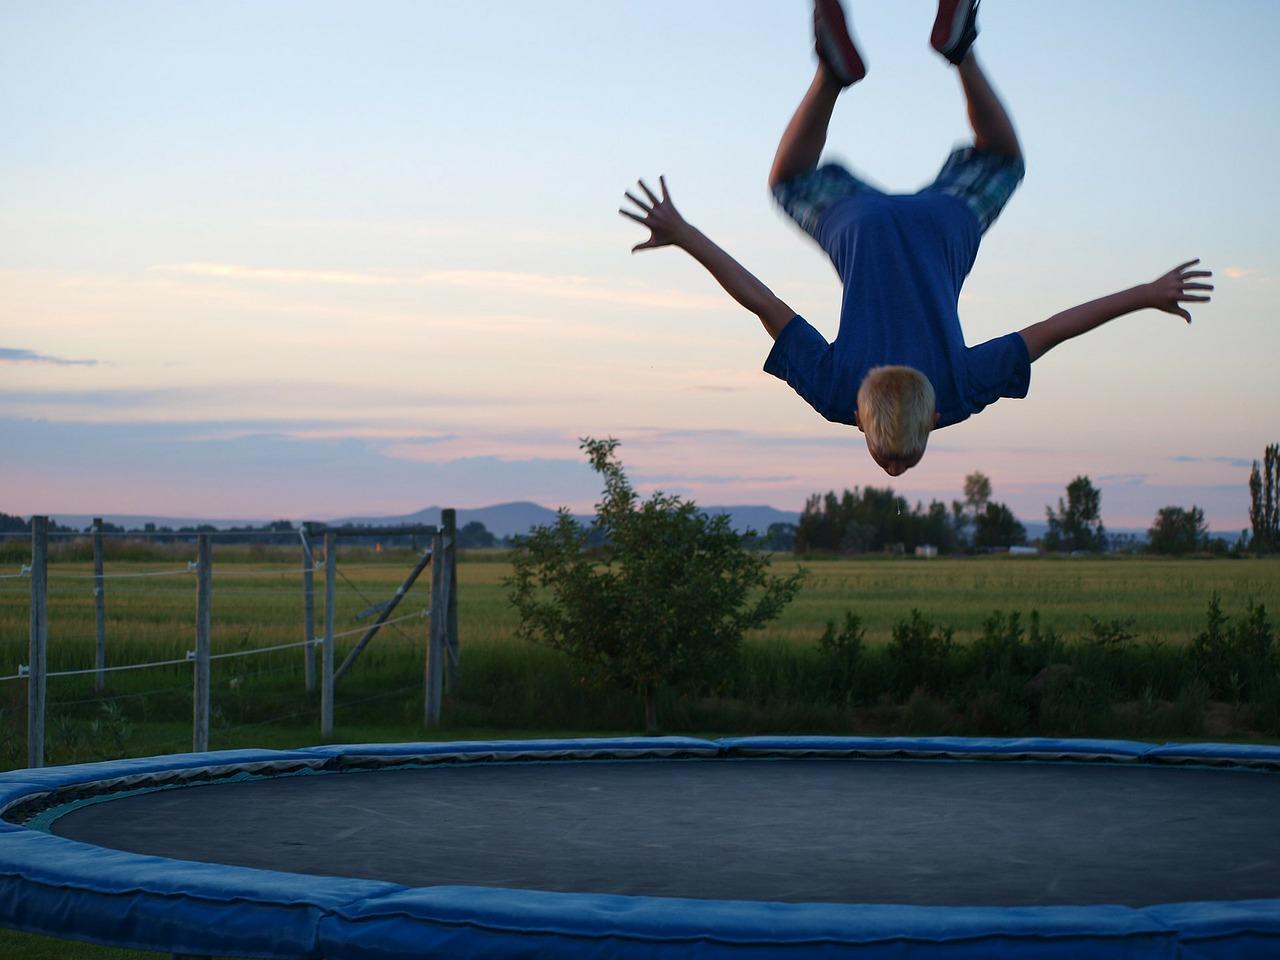 Sports spoit eyecatch trampoline rule